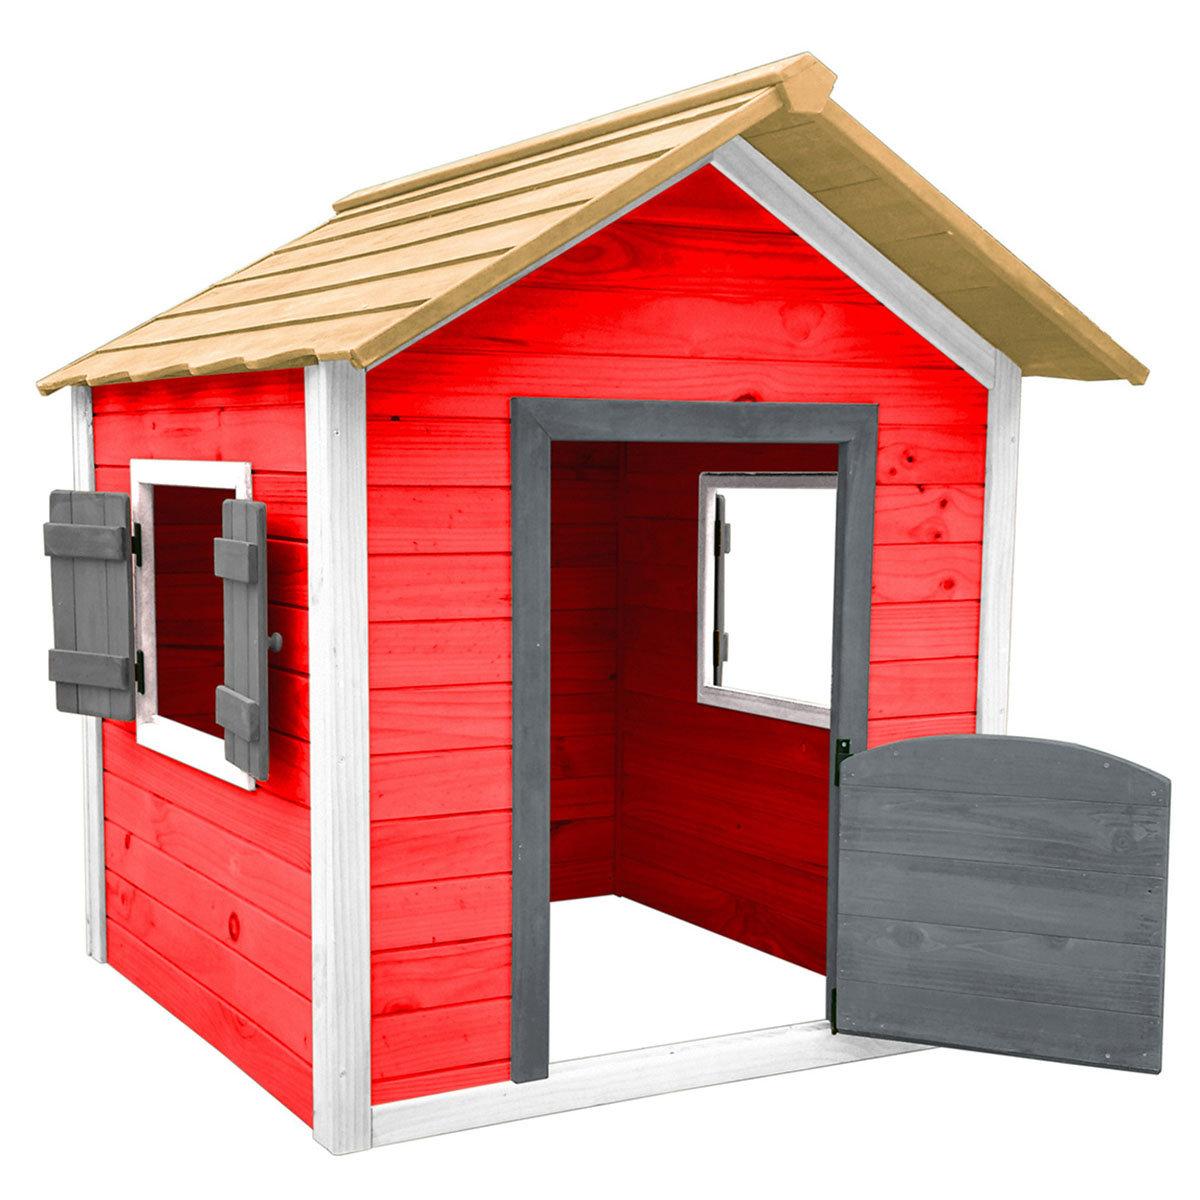 Kinder Spielhaus kleines Schloss, rot und weiß lasiert, ca. 138 x 118 x 132,5 cm | #5